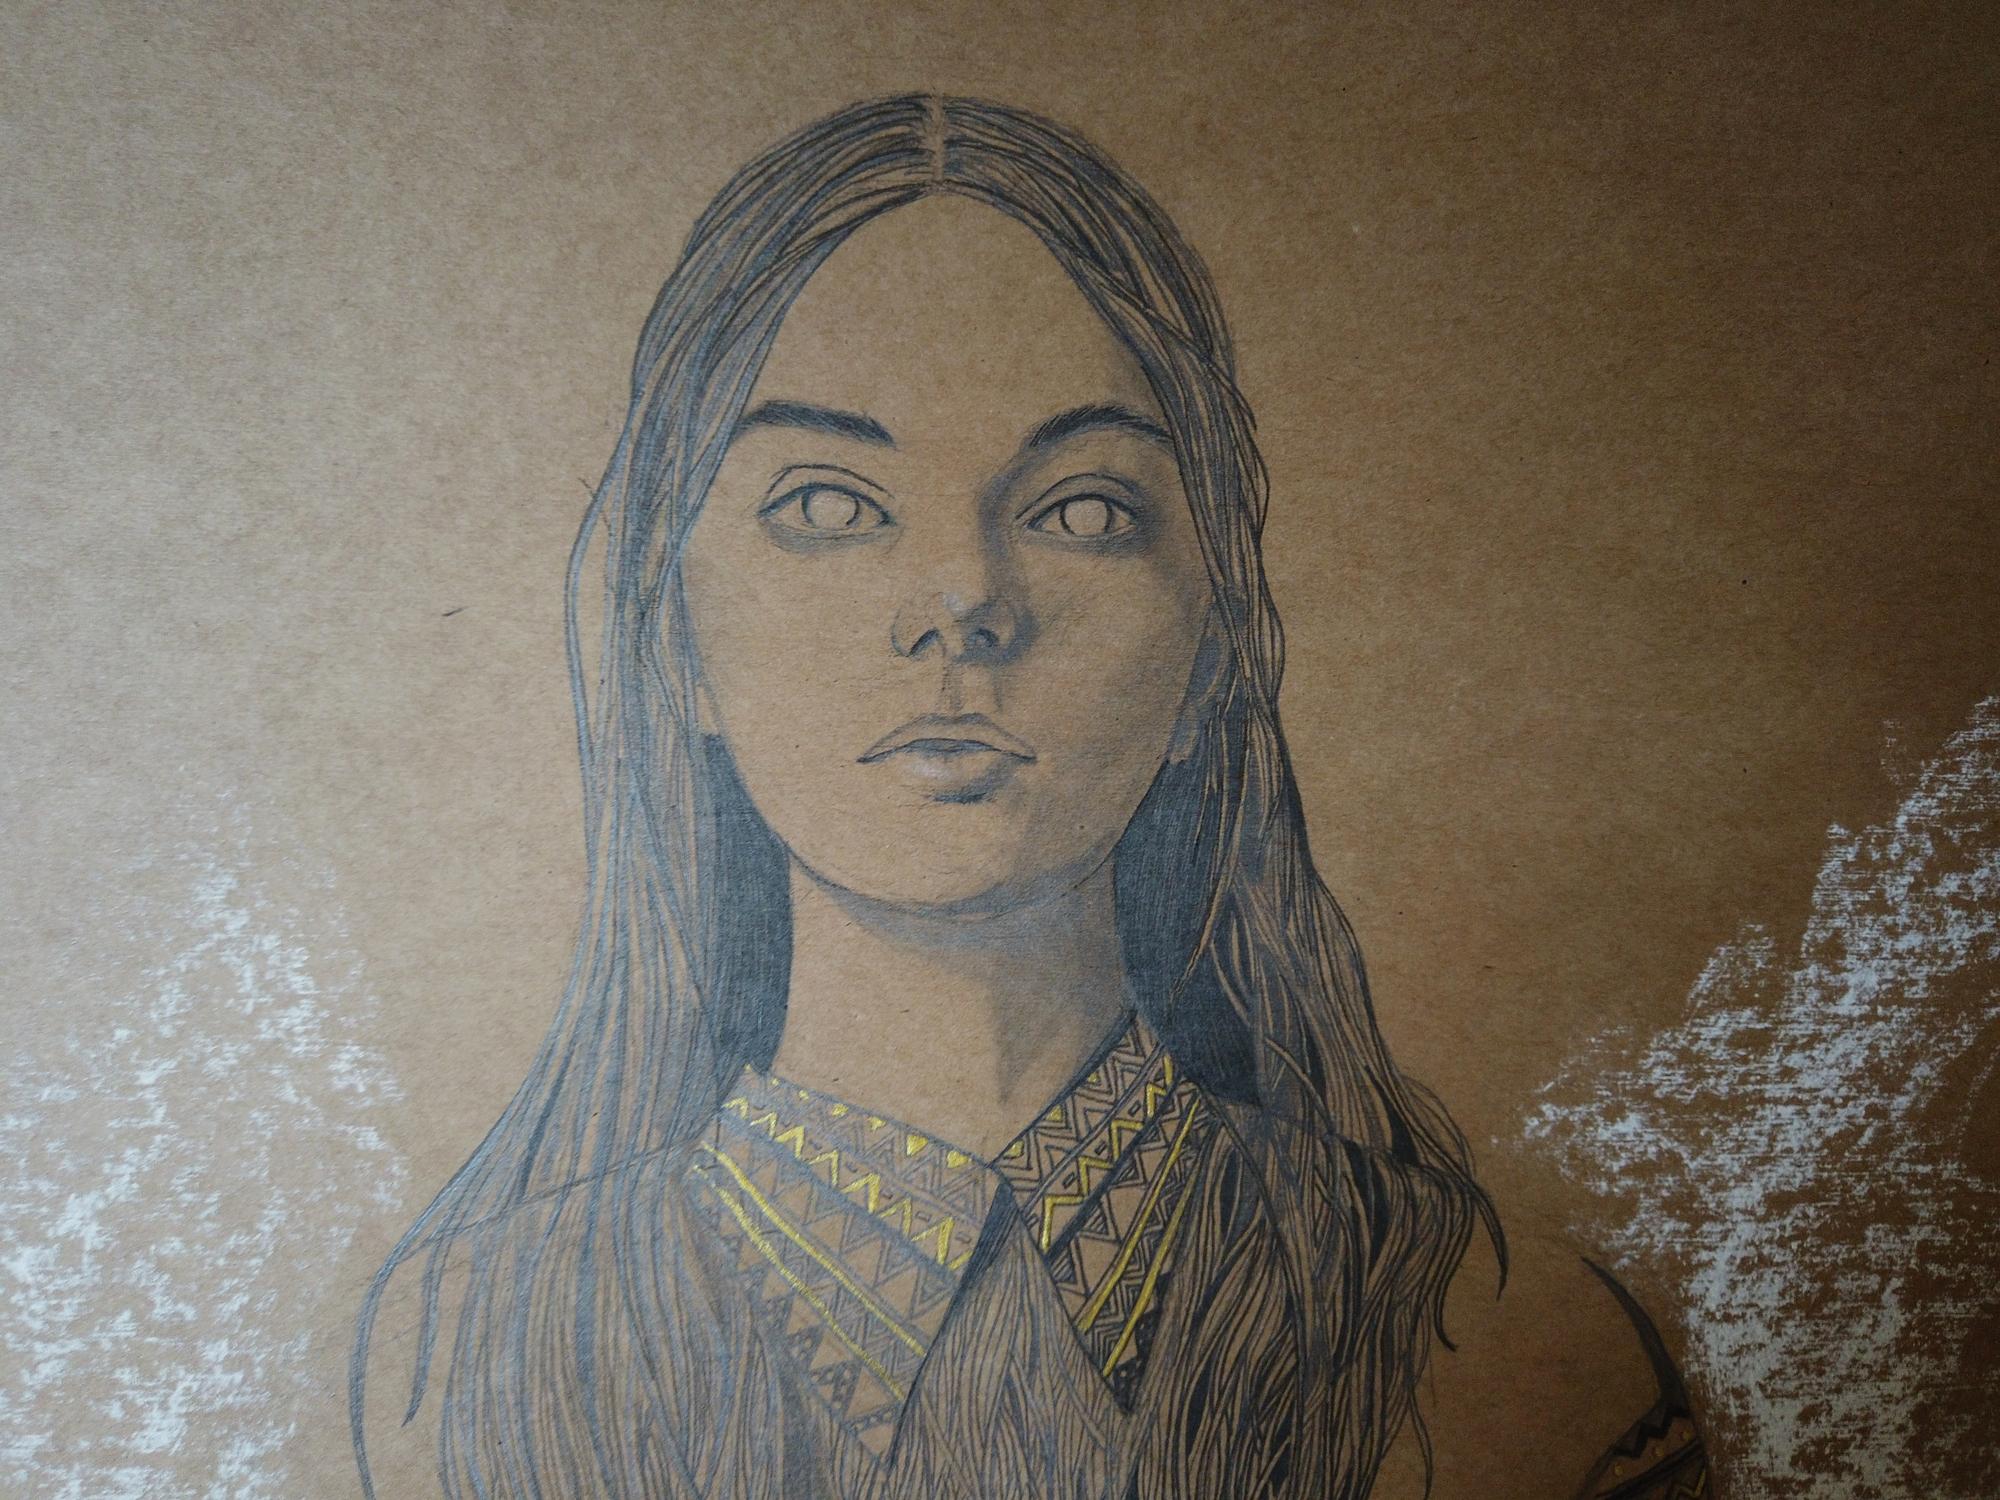 détail dessin au crayon graphite par la dessinatrice Priscilla Seiller